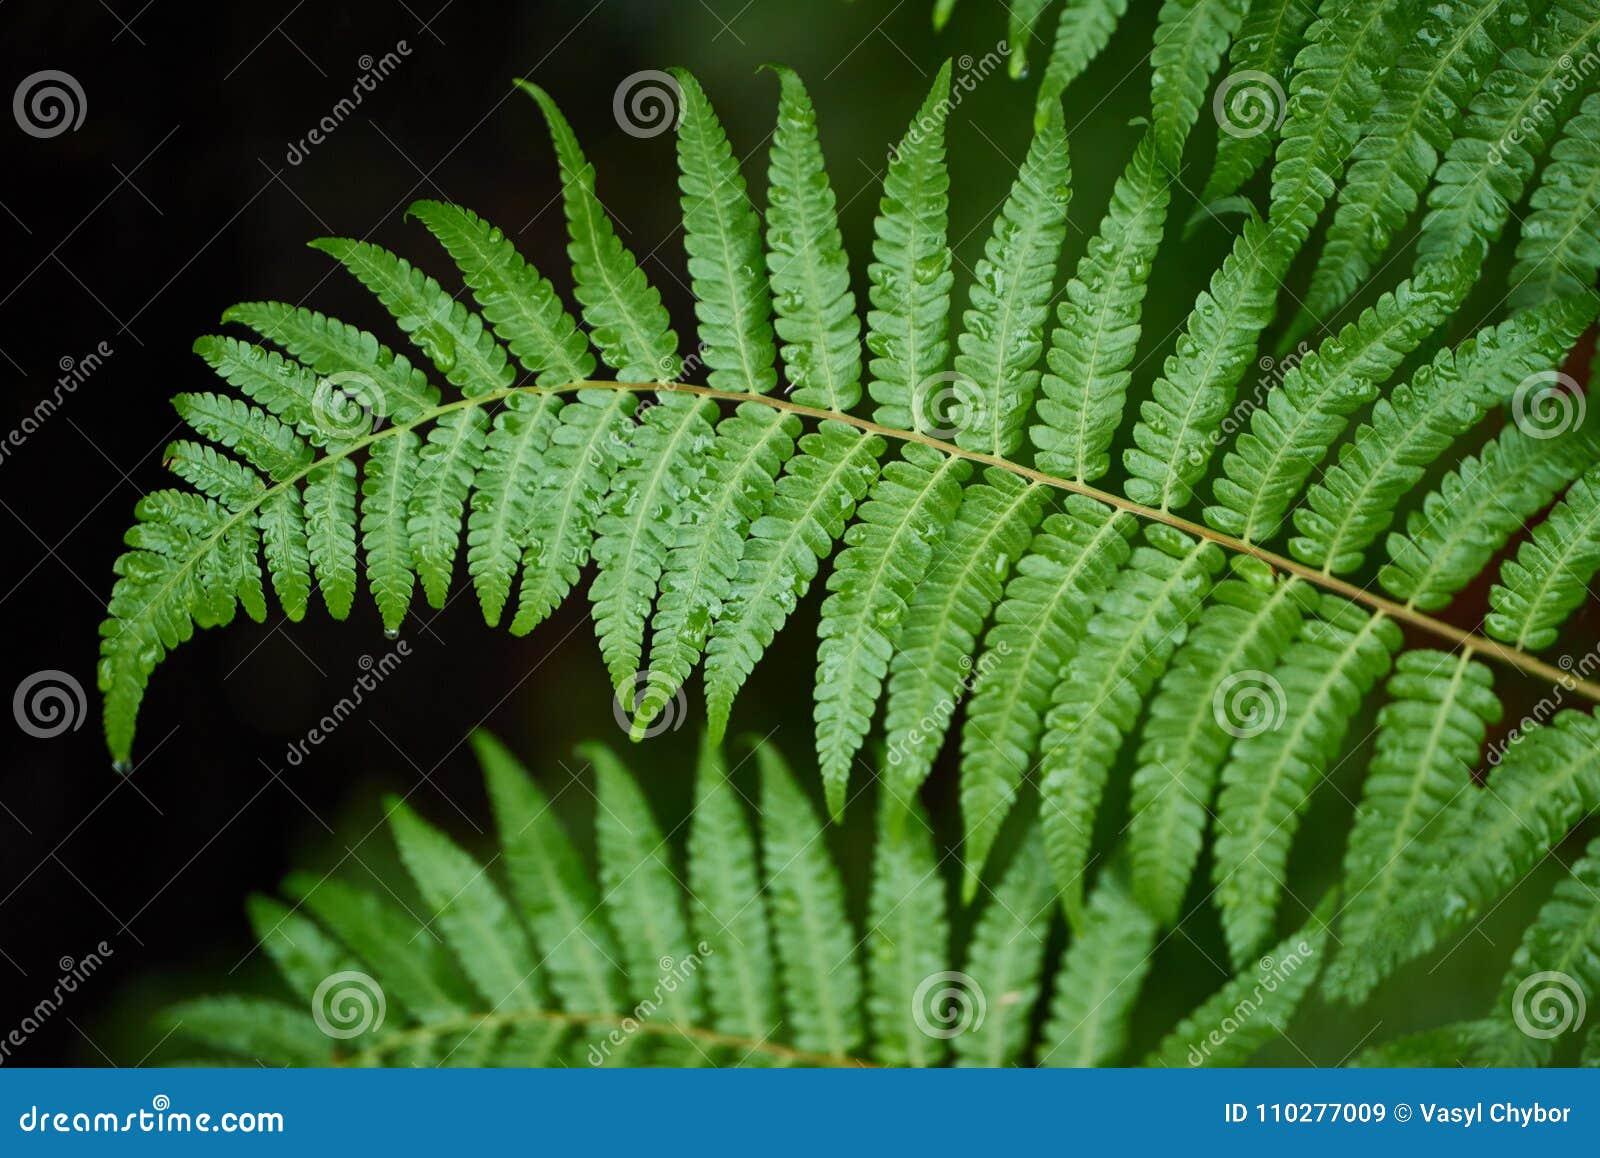 Οι φτέρες Beautyful αφήνουν στο πράσινο φύλλωμα το φυσικό floral backgro φτερών